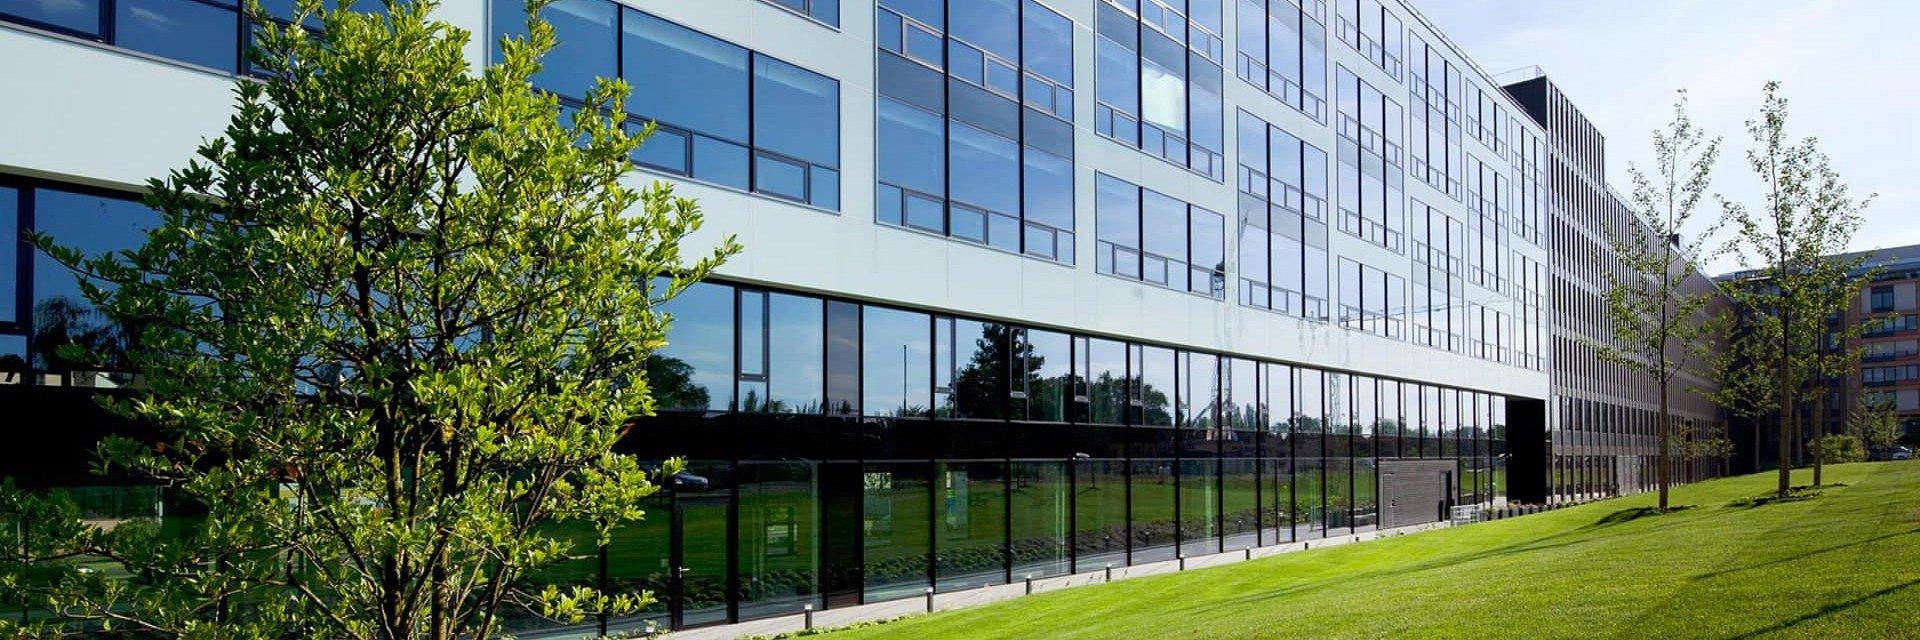 V budově River Garden II/III otevírá společnost Regus nové business centrum.